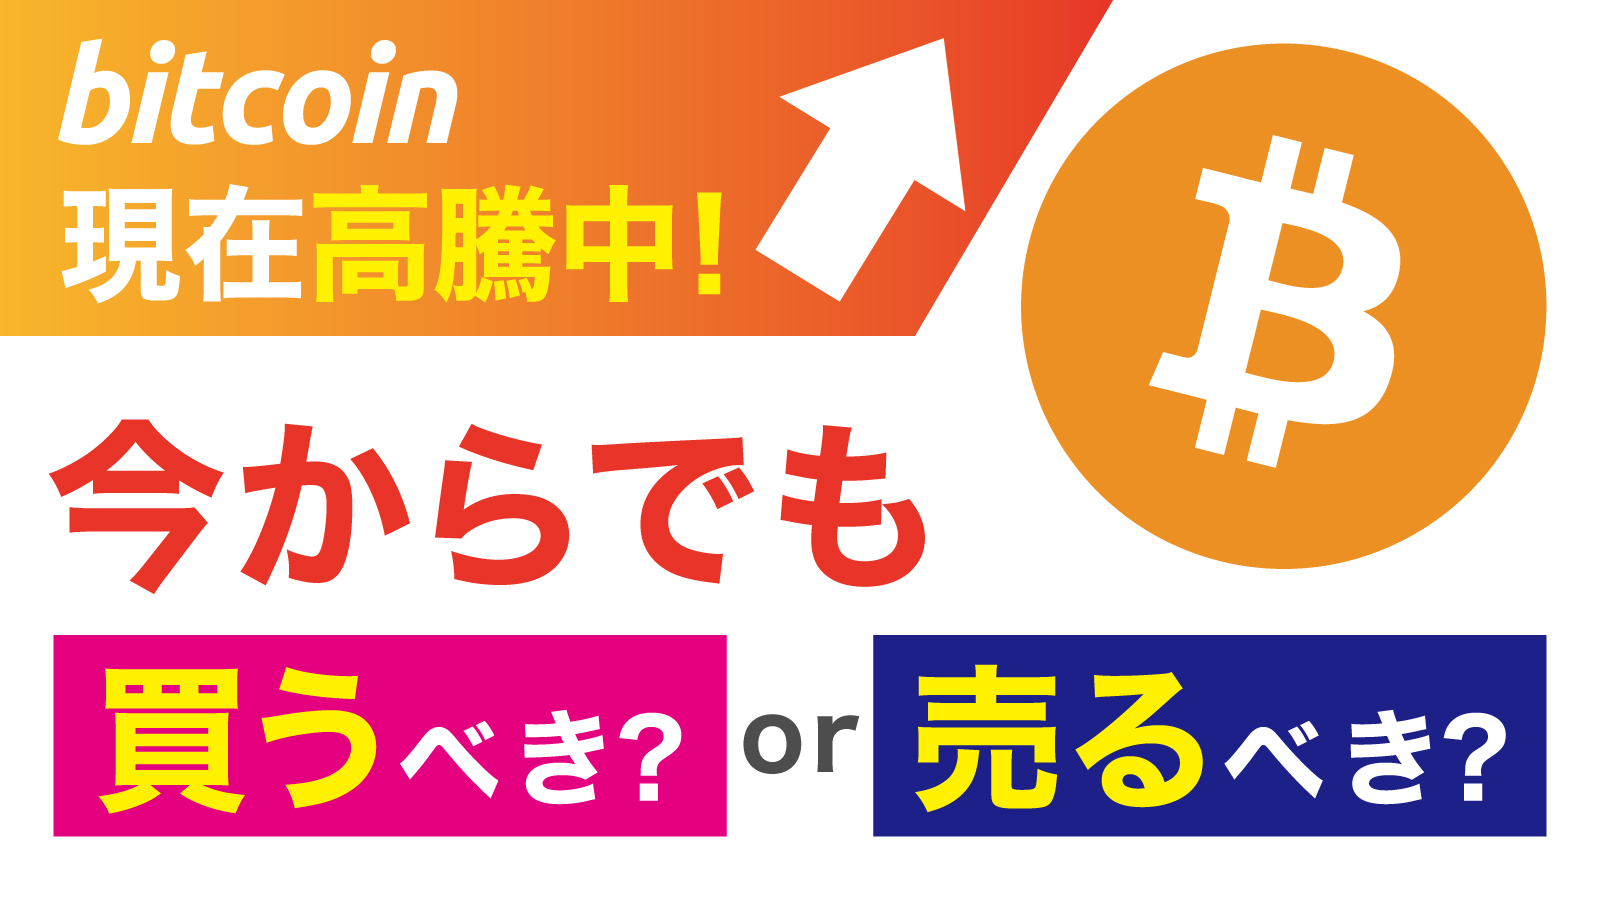 ビットコイン高騰中!今からでも「買うべき?」「売るべき?」